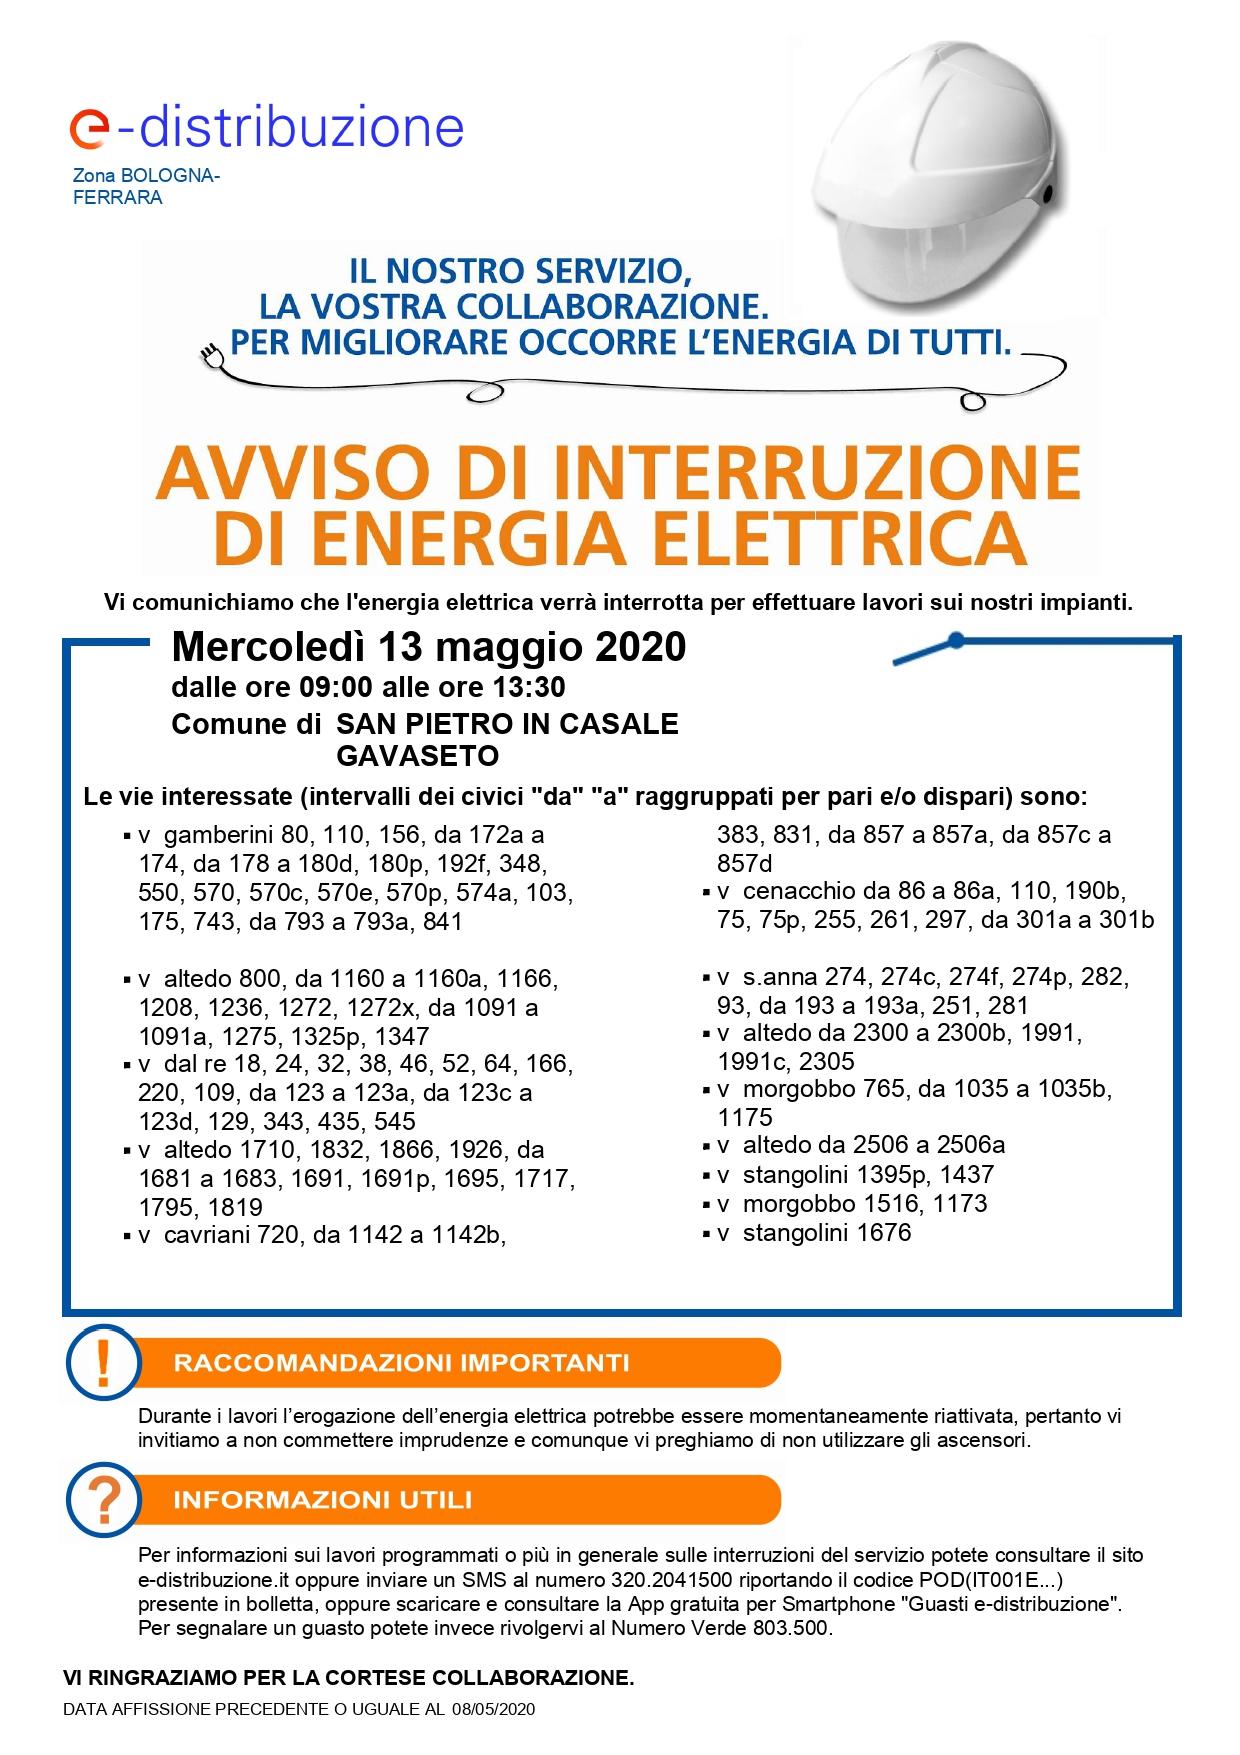 Interruzione elettricità 8 maggio 2020